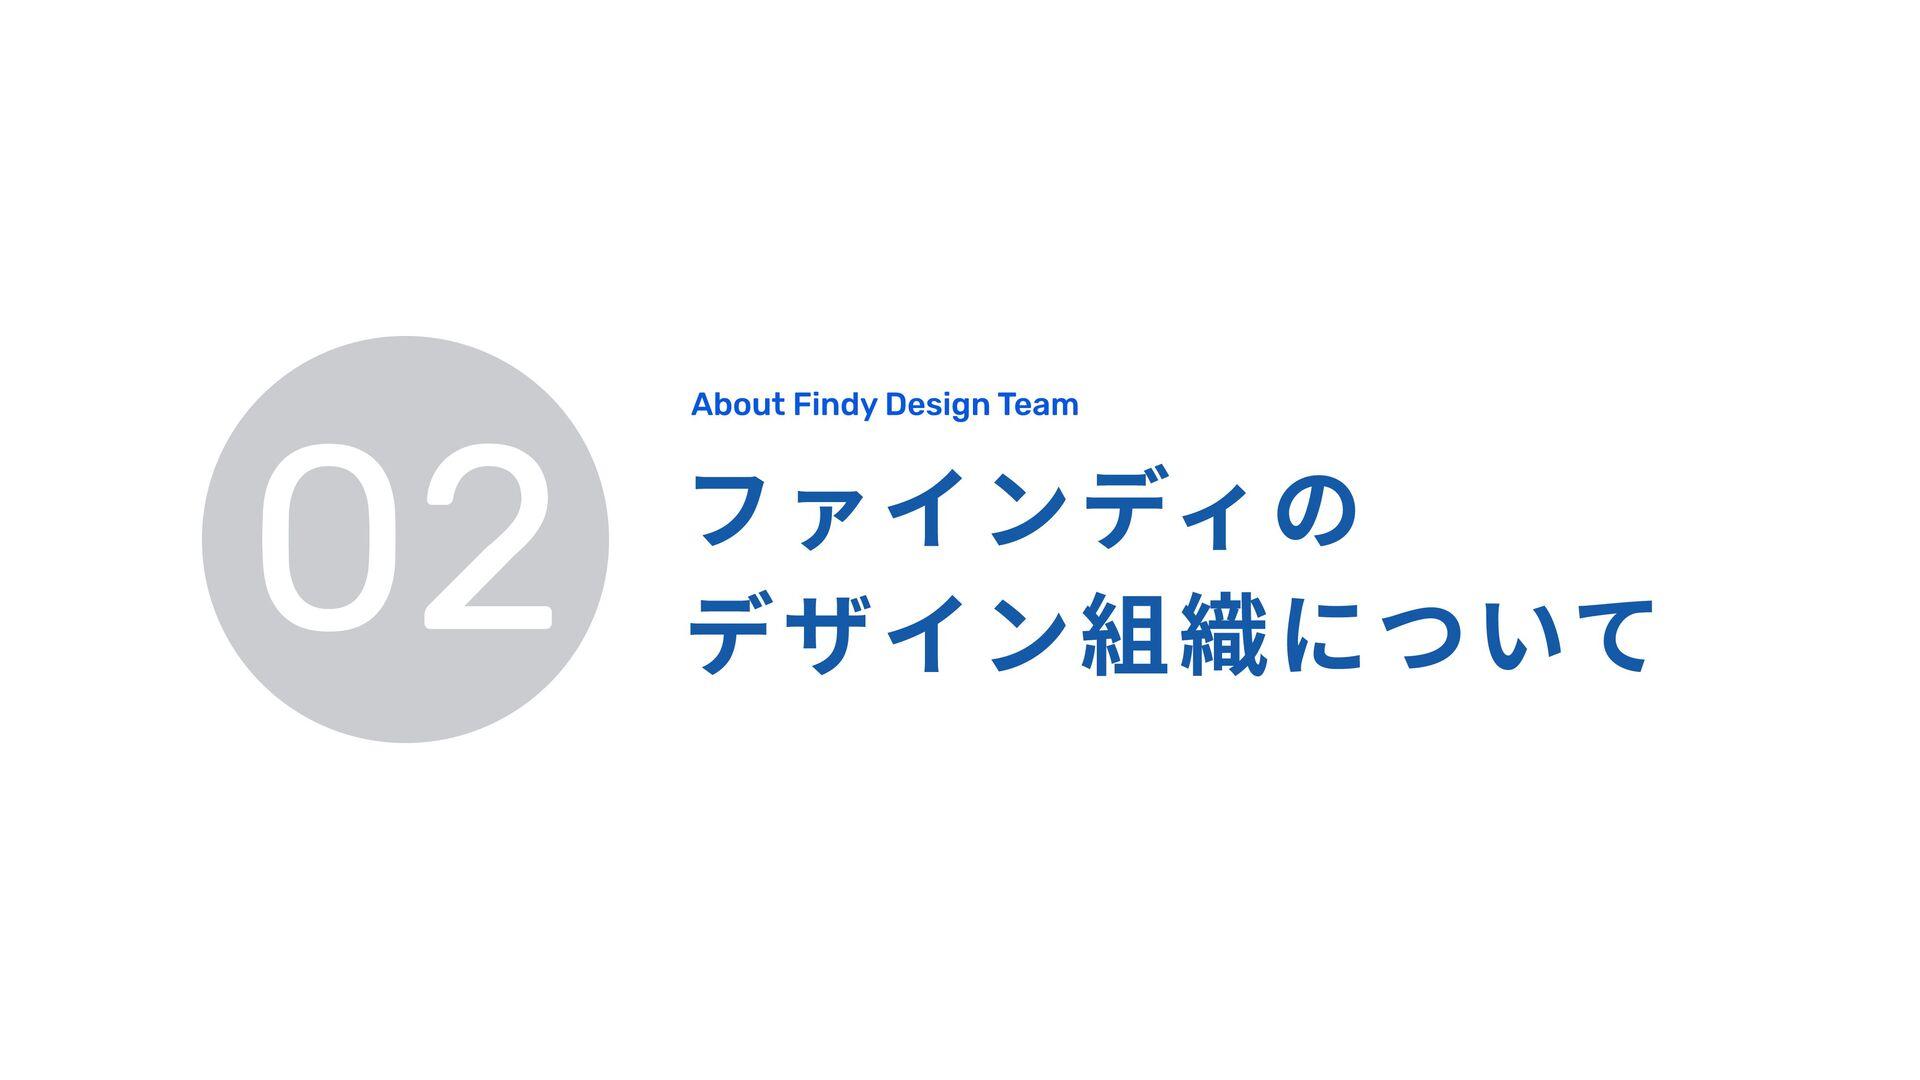 Findy Products 主な導入企業様 その他多くの企業様にご利用いただいております 8